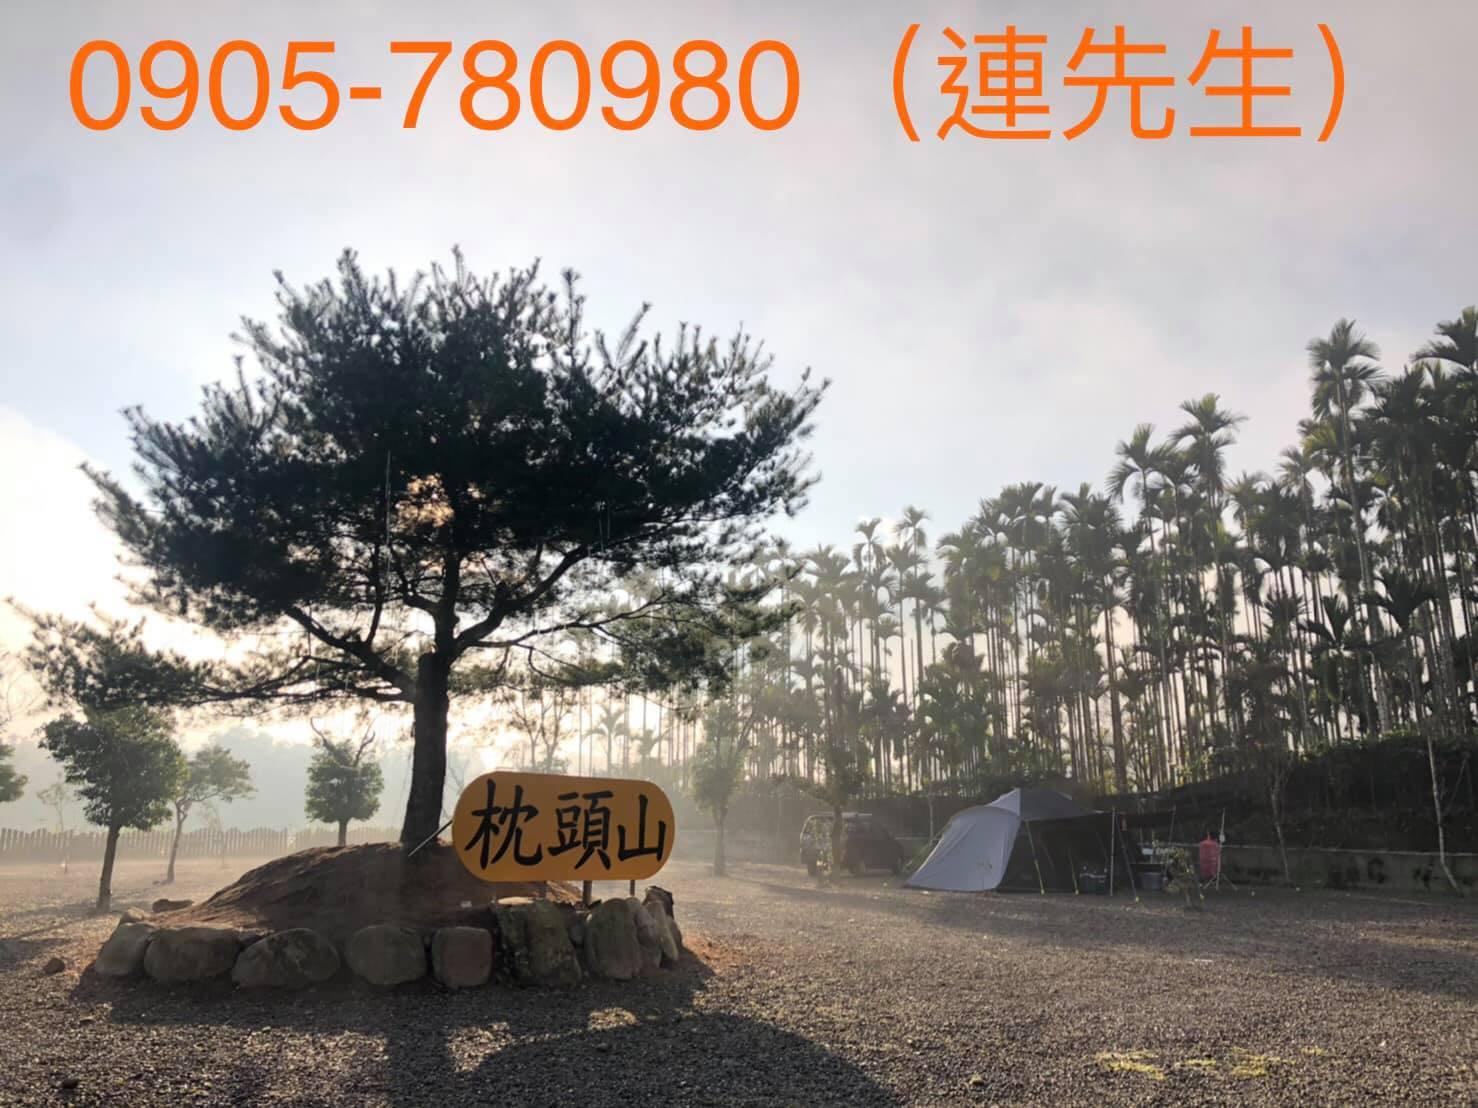 枕頭山露營區愛芝7旅店